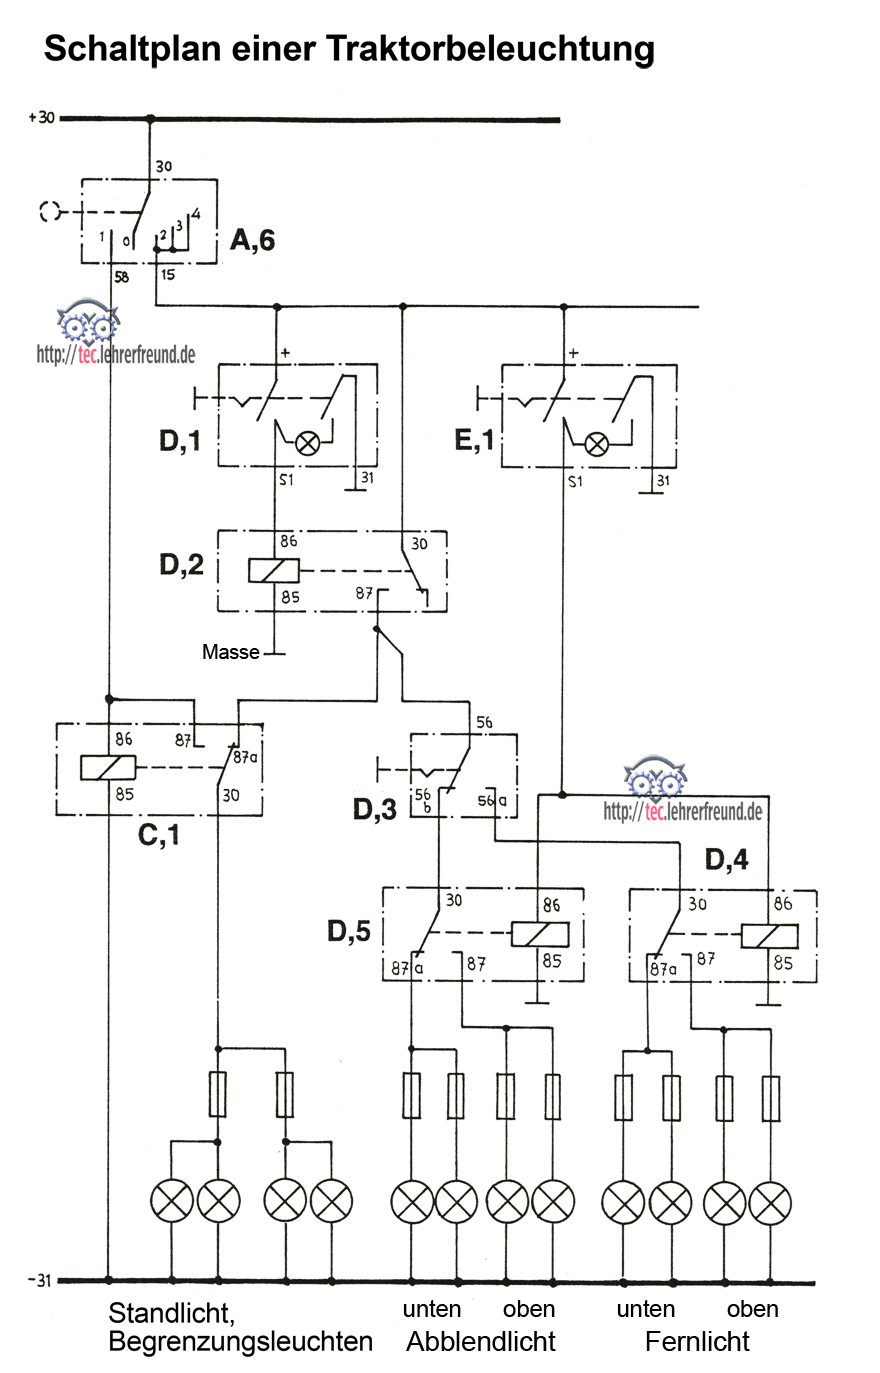 Ziemlich 3 Wege Schaltplan Power Bei Licht Ideen - Der Schaltplan ...